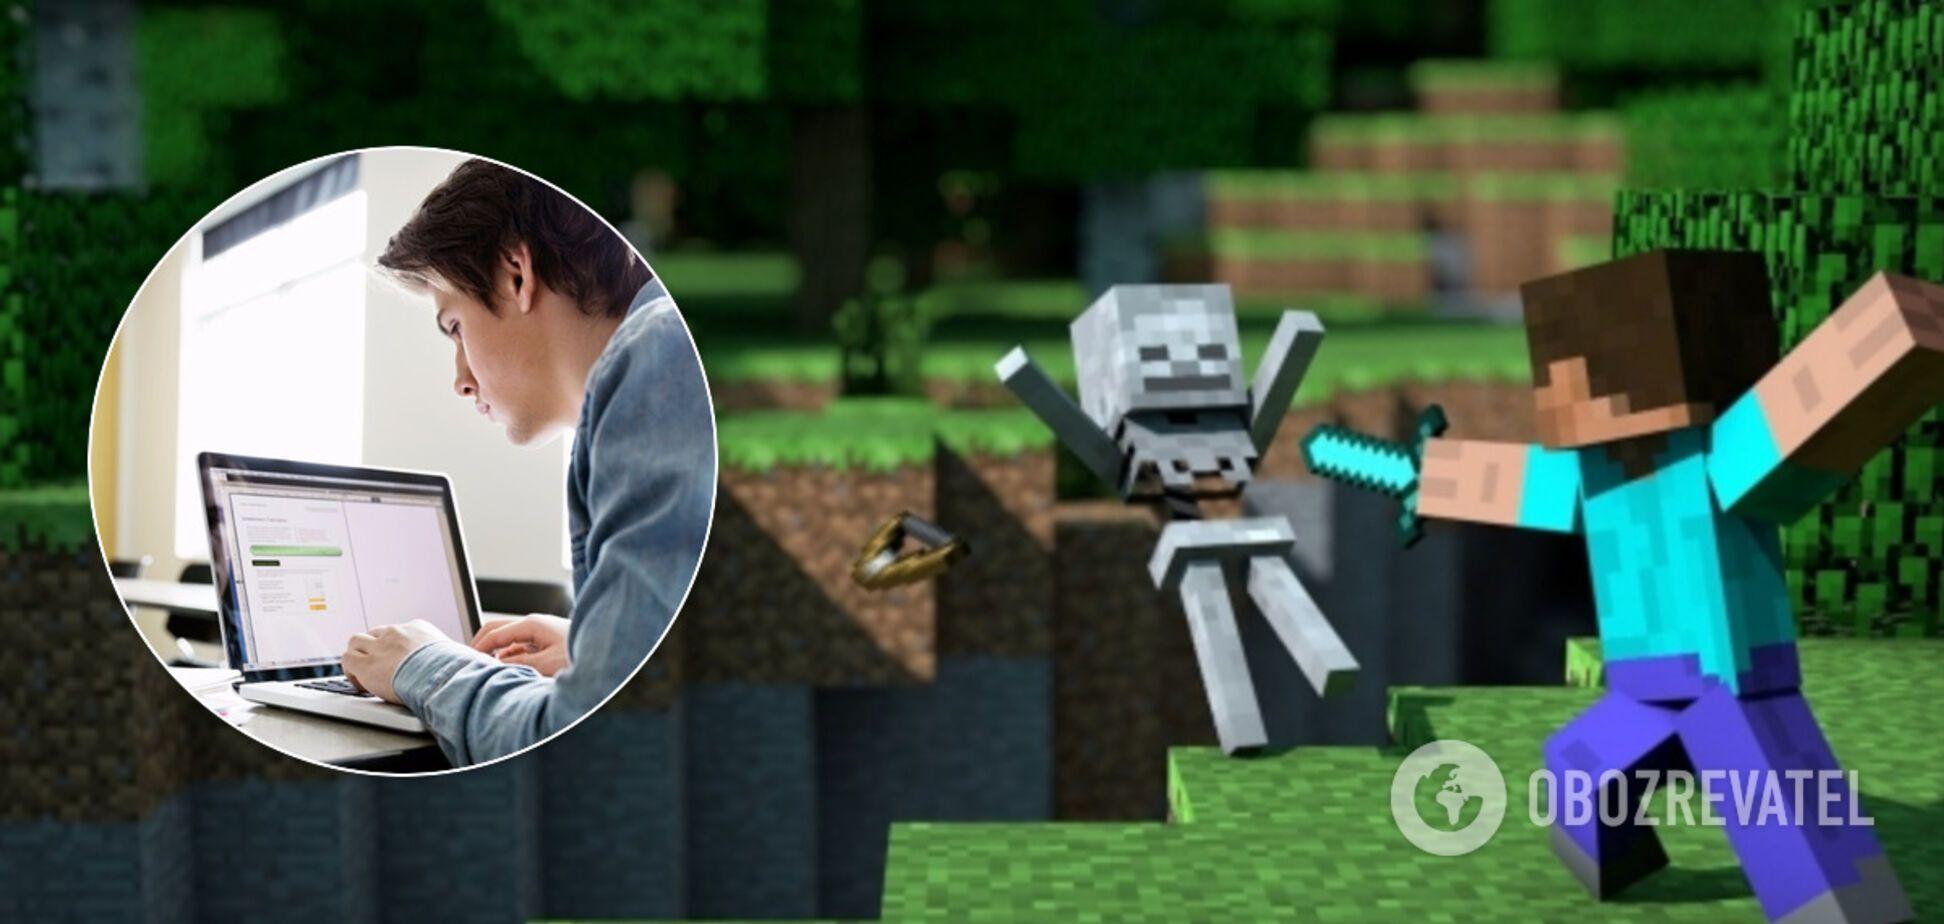 Університет почав проводити лекції в Minecraft через коронавірусний карантин